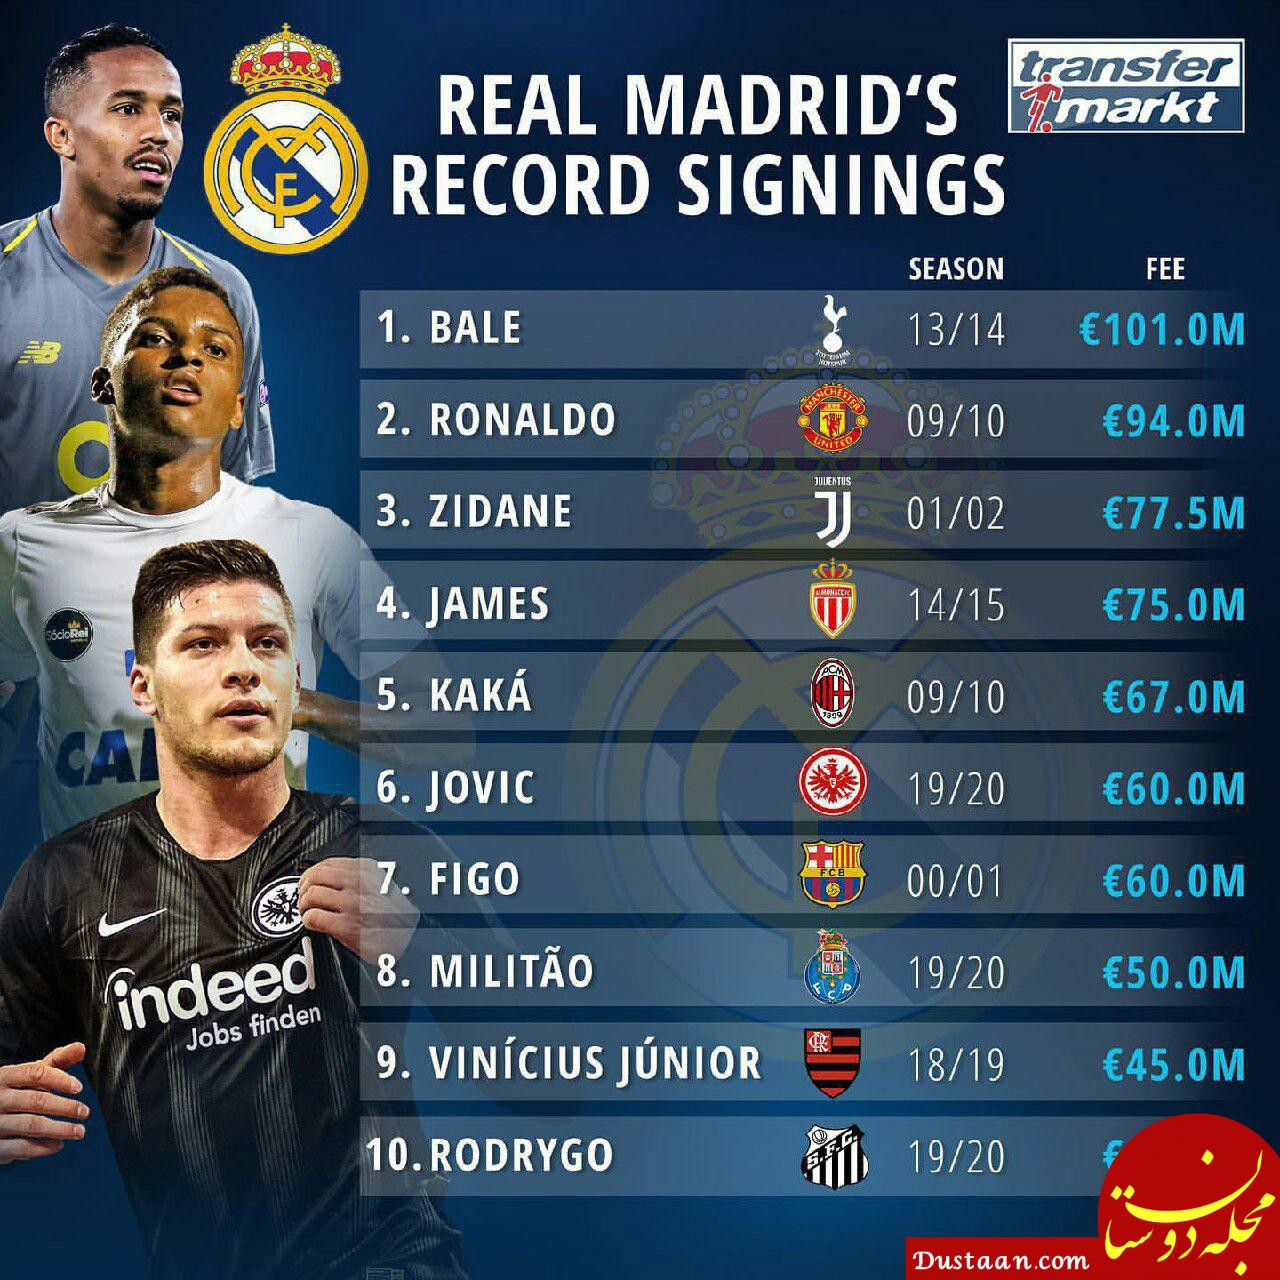 www.dustaan.com گران ترین خریدهای تاریخ باشگاه رئال مادرید